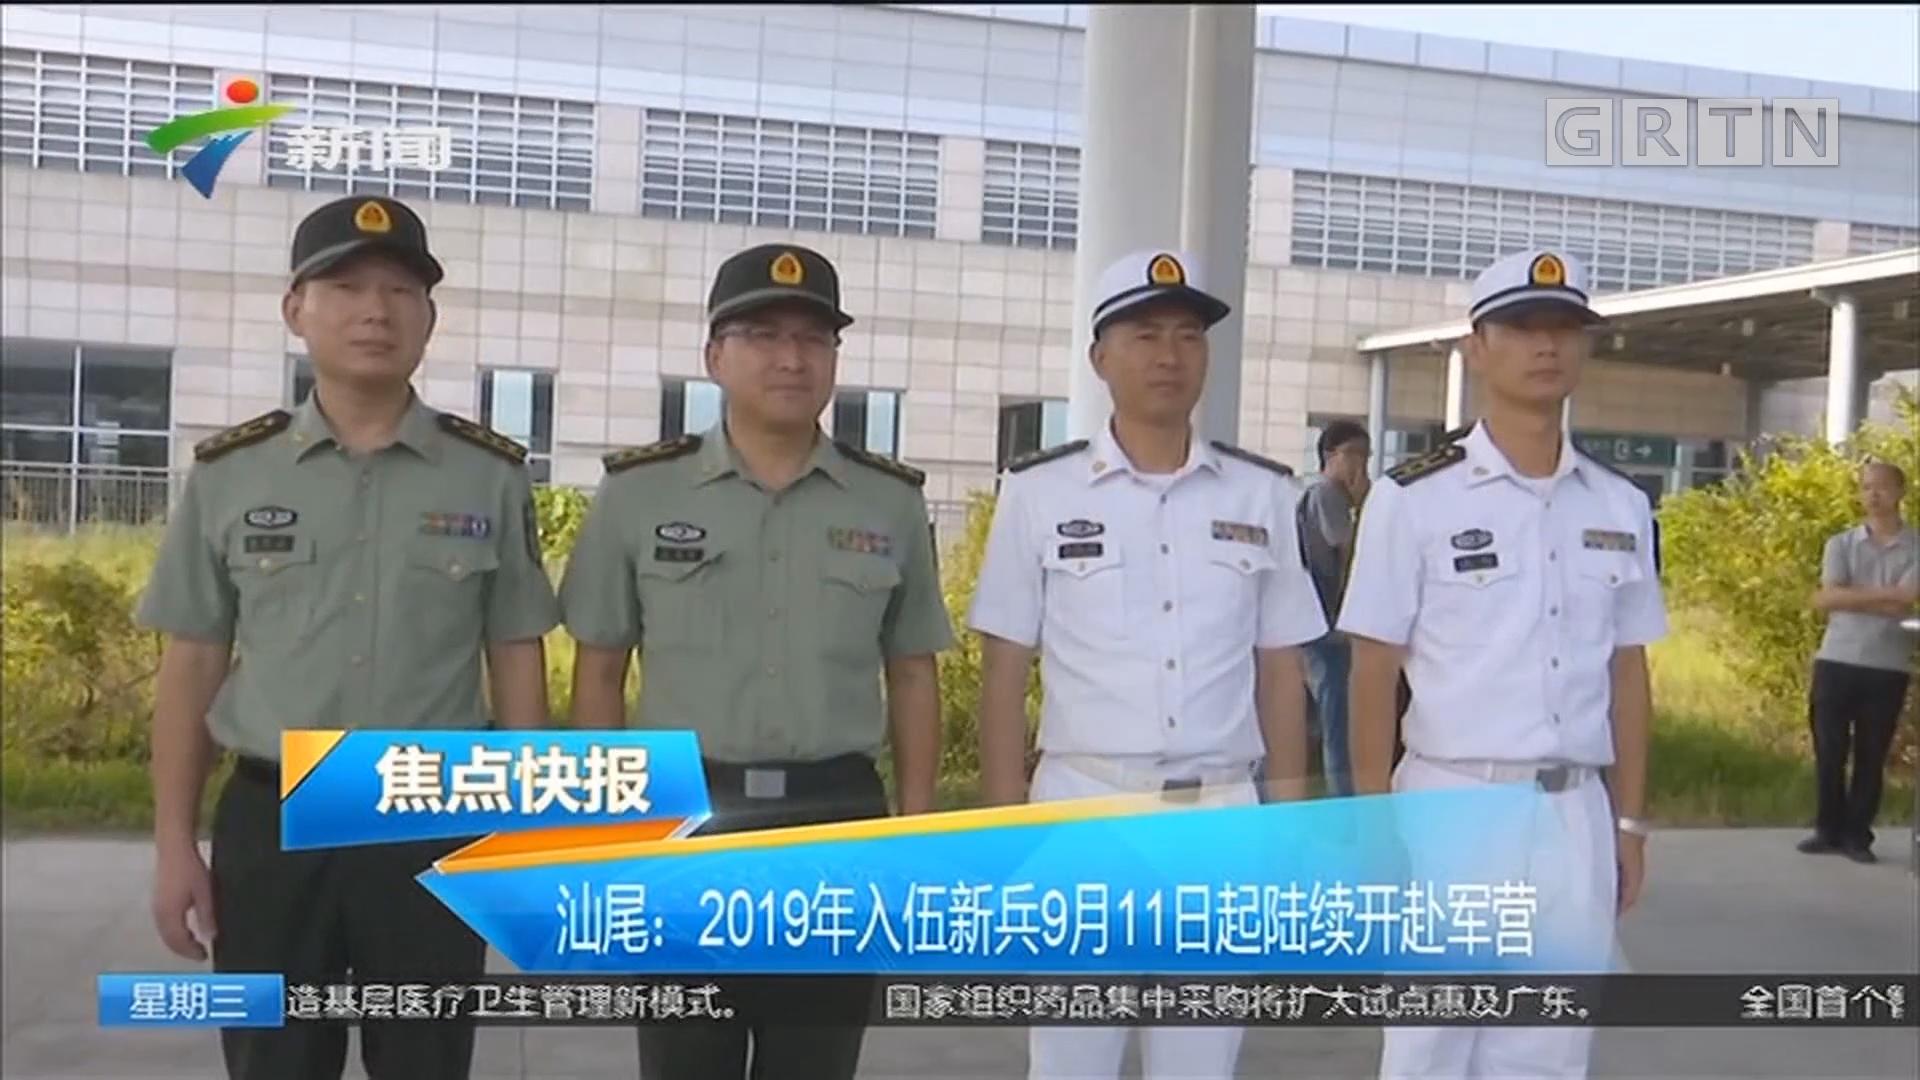 汕尾:2019年入伍新兵9月11日起陆续开赴军营